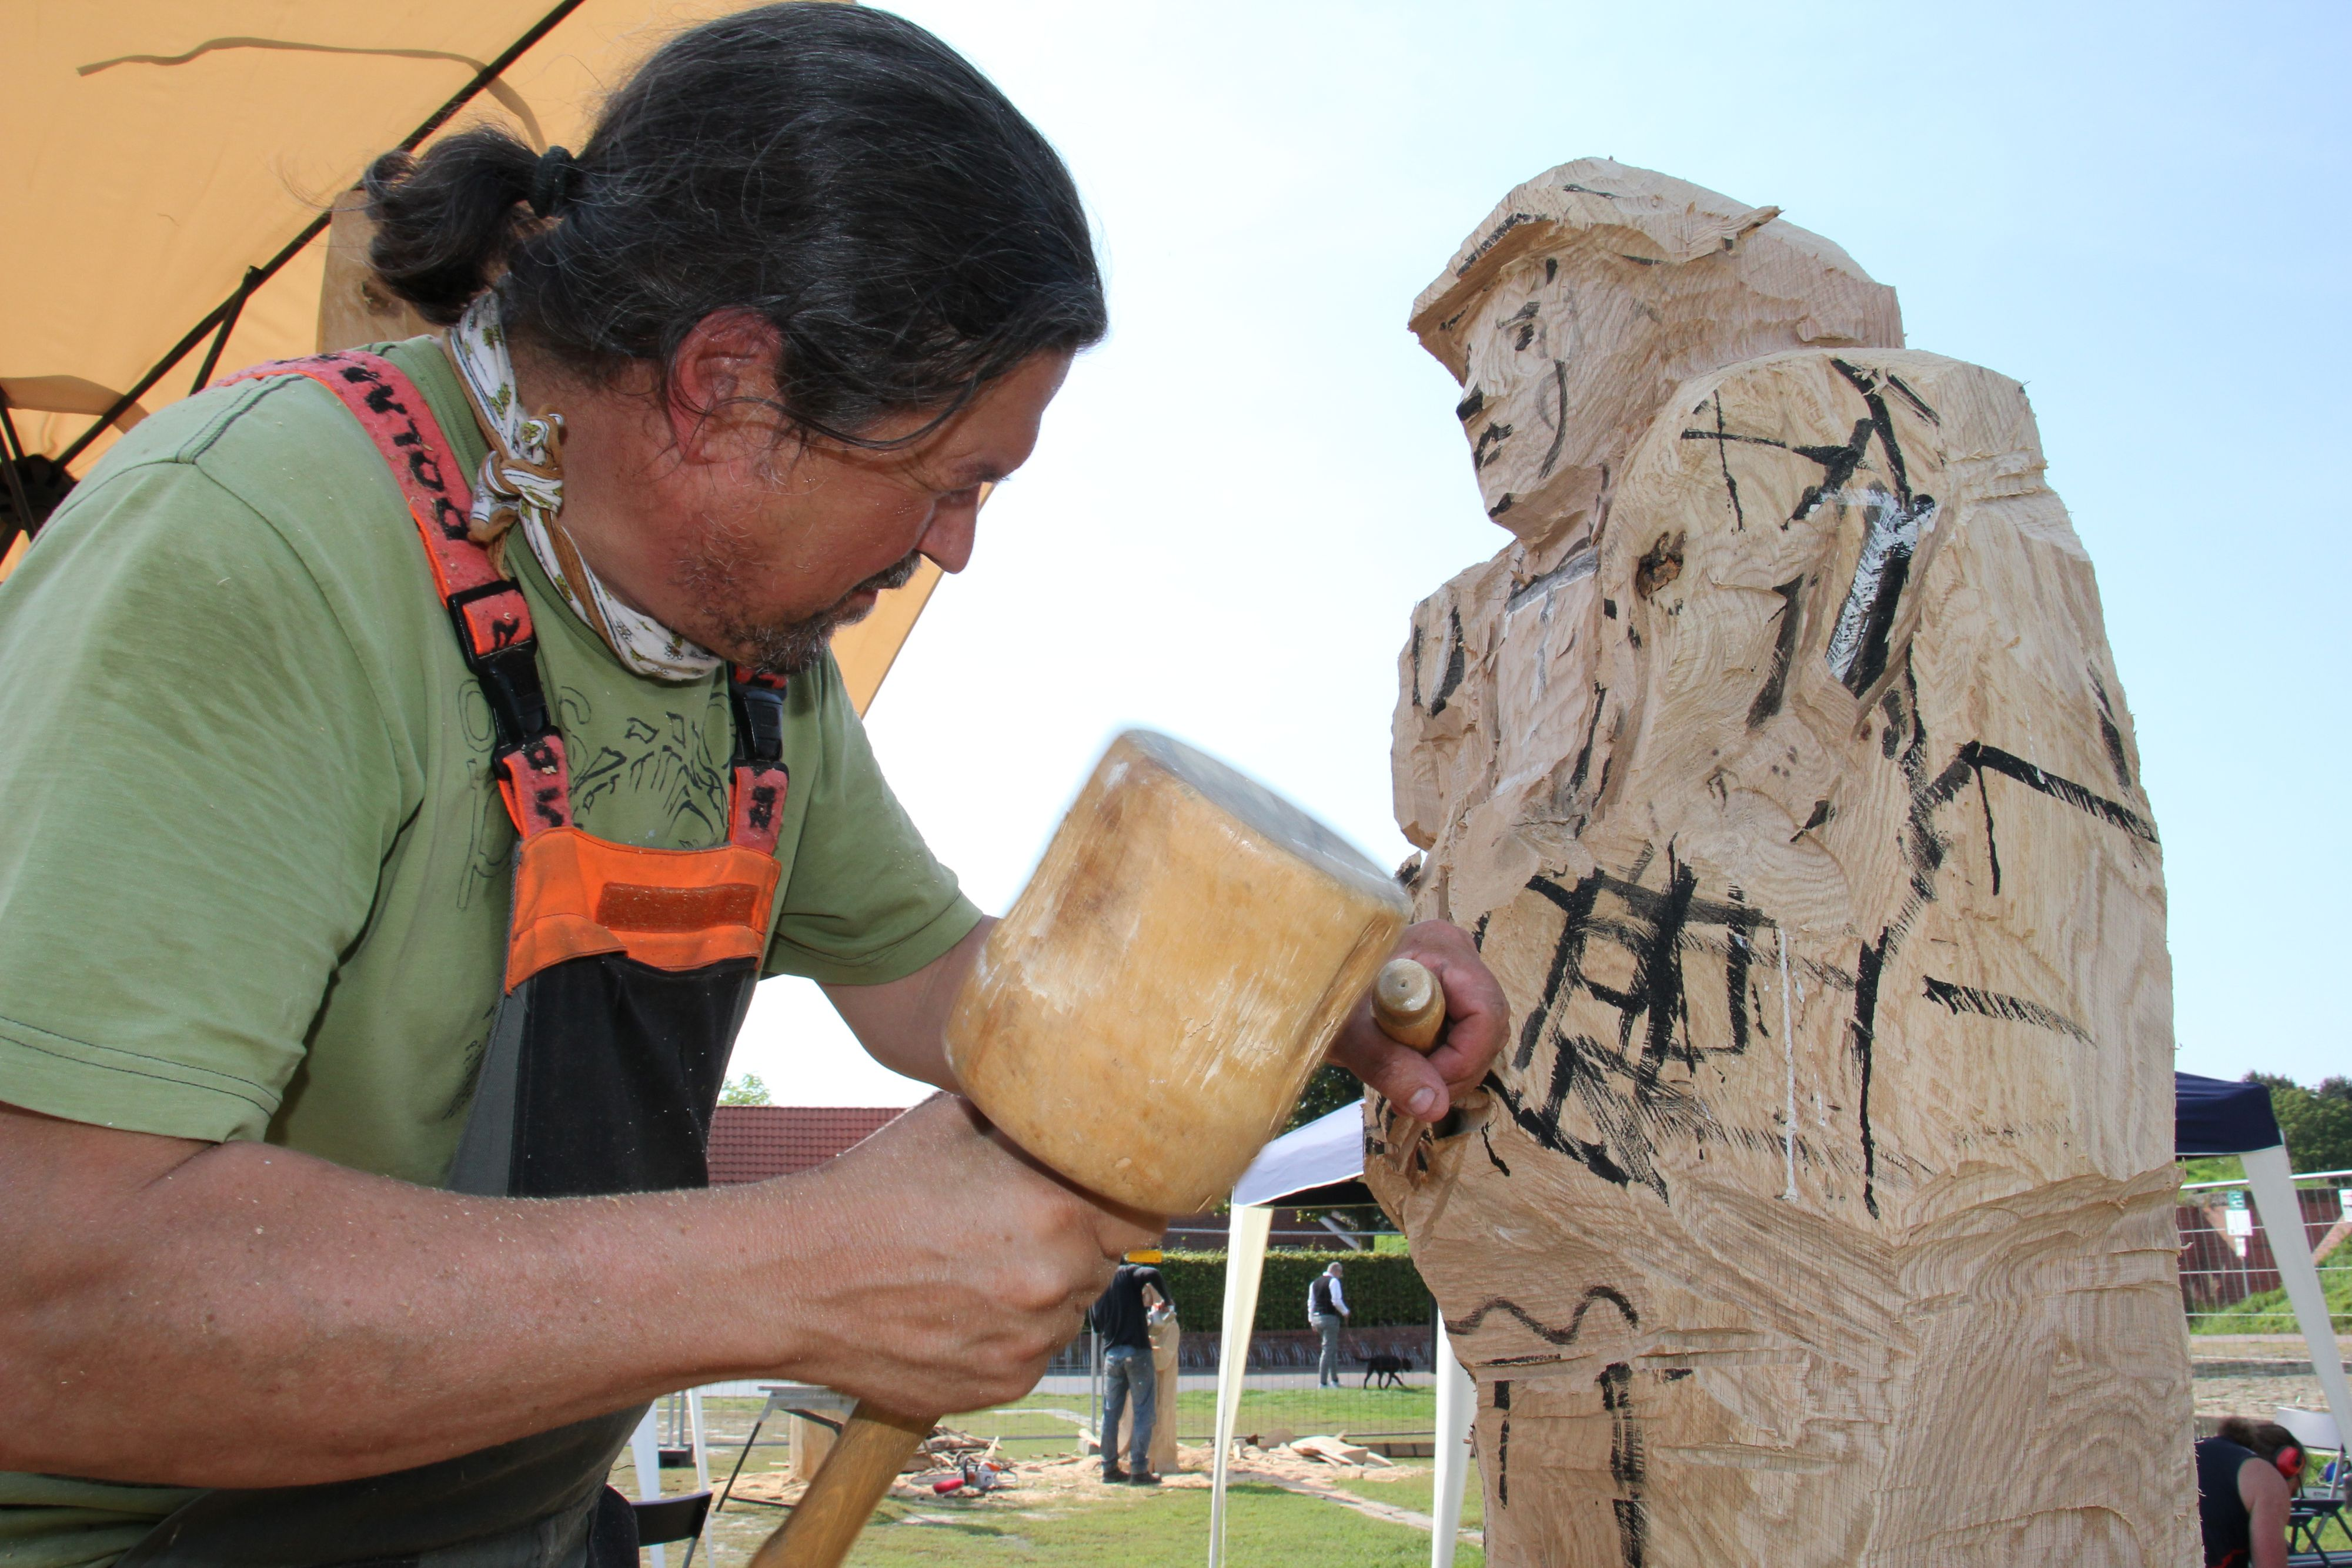 Vor einigen Wochen blühte die Künstlerszene in Vechta auf. Doch nach dem Bildhauer-Symposium, an dem sich auch Reinhard Osiander aus Bremen beteiligte, hat der Kunstbeirat jetzt das Programm für den Rest dieses Jahres gestrichen. Foto: Speckmann